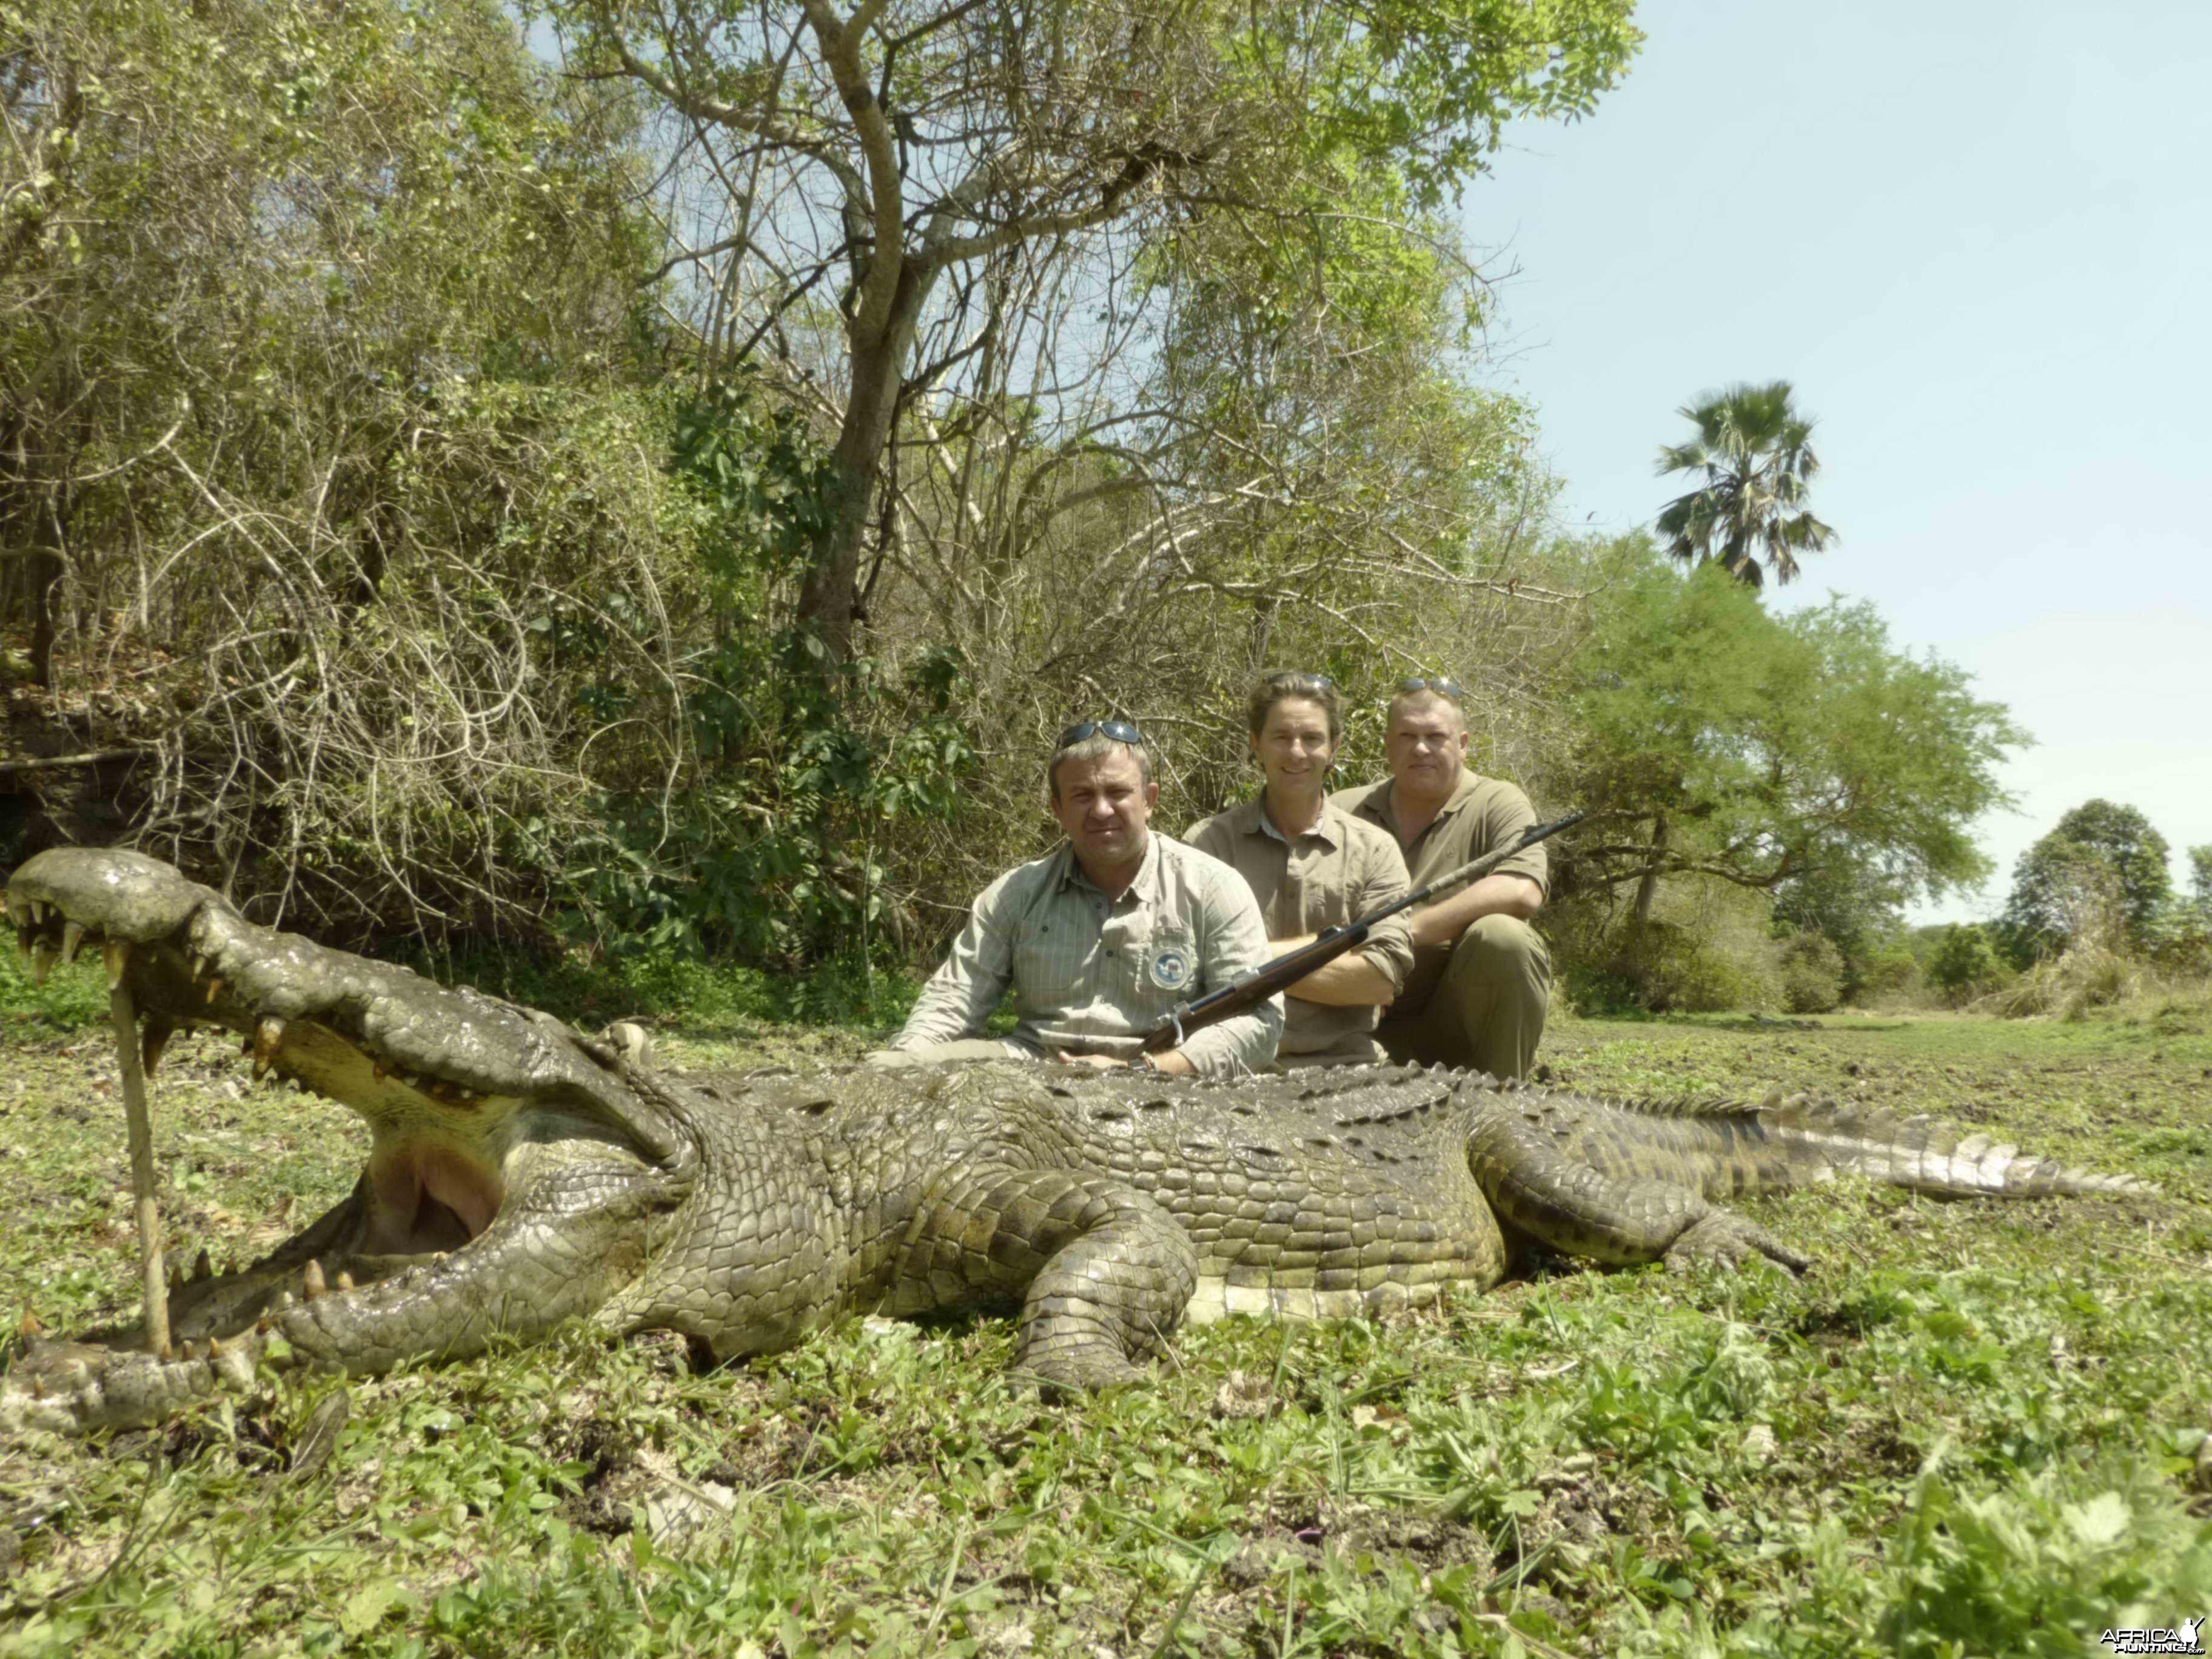 Croc 2 Selous